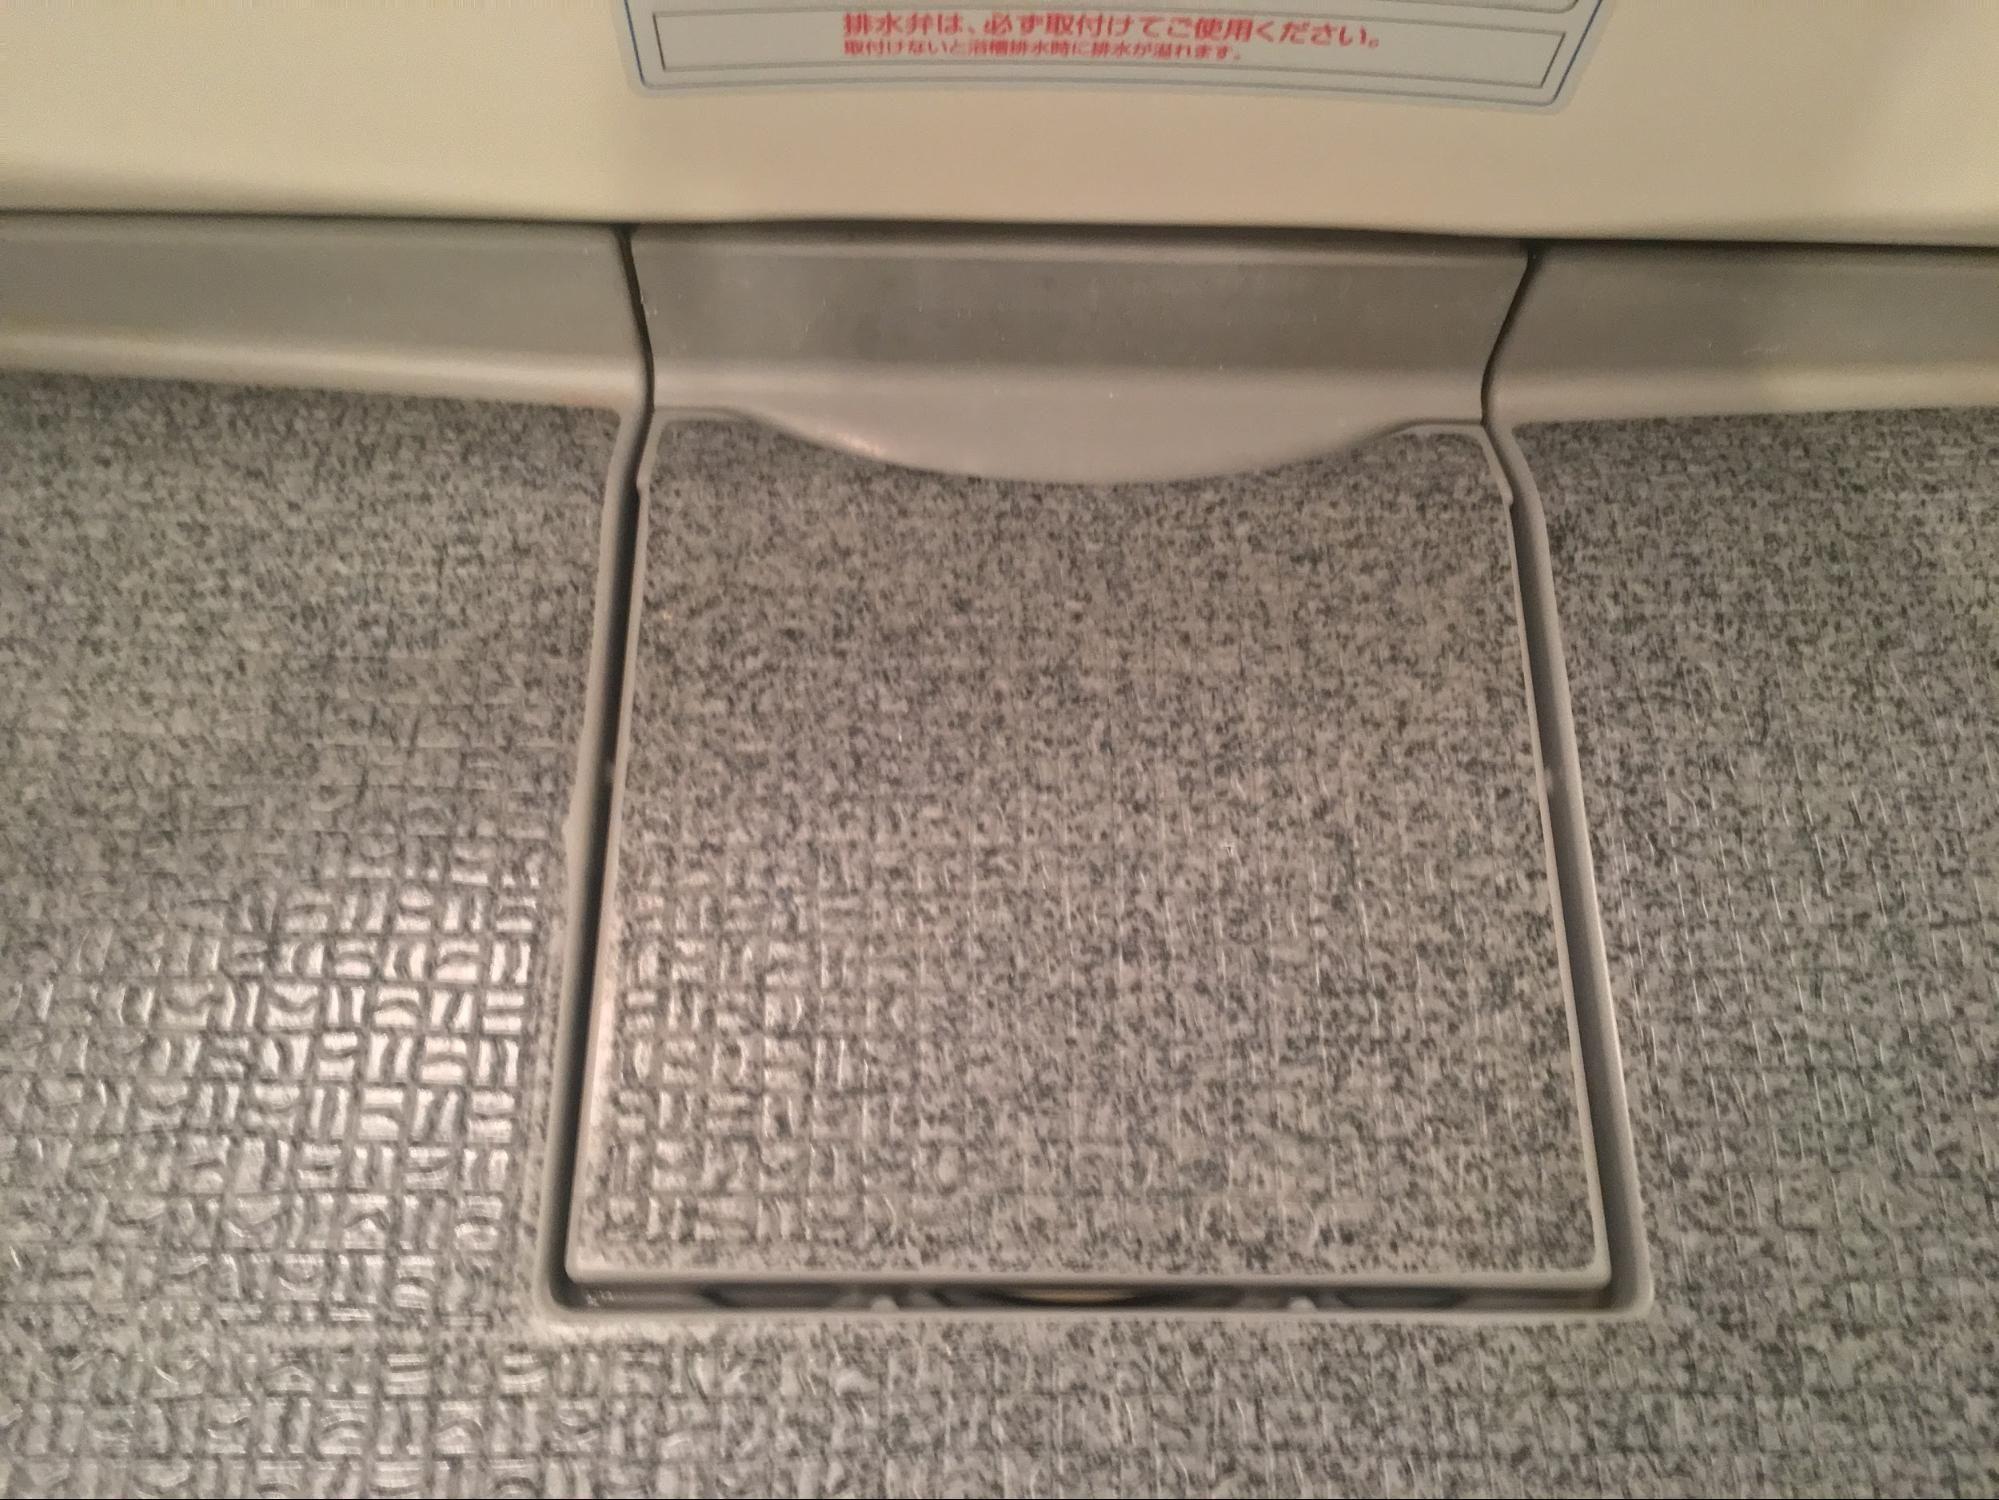 このニトリグッズのおかげで お風呂の排水口をノンストレスで掃除できるよ 2020 掃除 スペースを活用した収納 お掃除の裏技